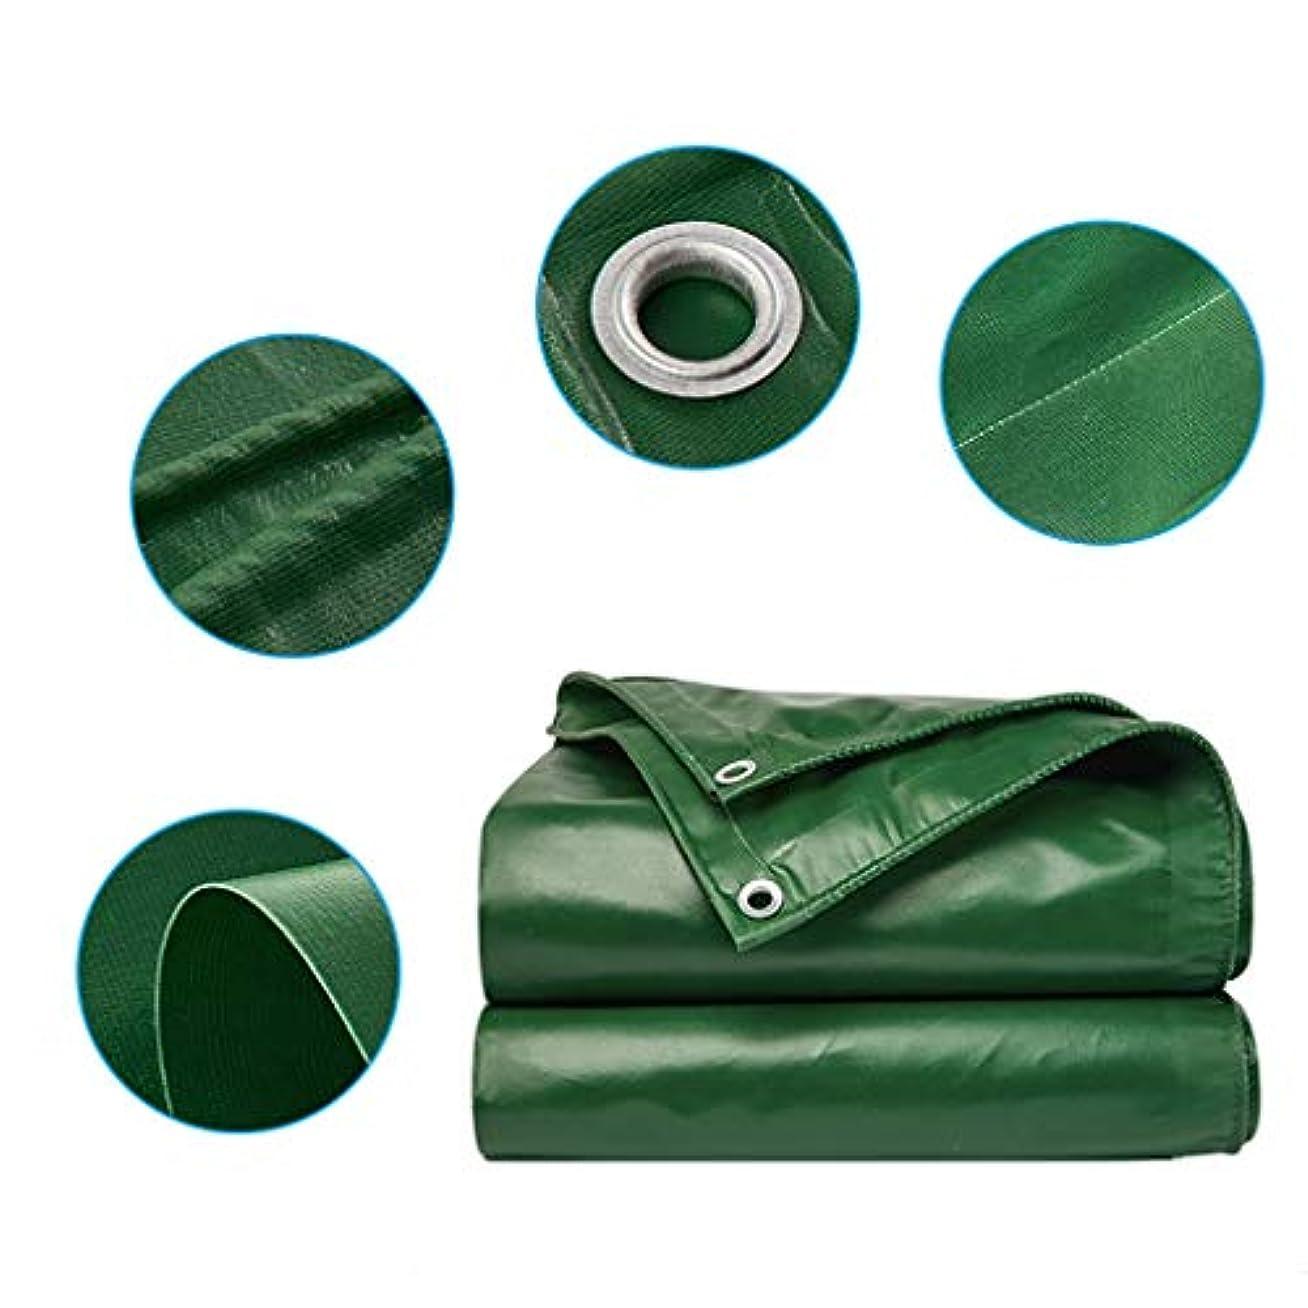 農村傘静かにタープ グロメットと強化された端、16ミルの厚い多目的防水シートカバーで防水大型防水シート6m×10mの頑丈なキャンバスタープ テント (Color : Green, Size : 6m × 10m)